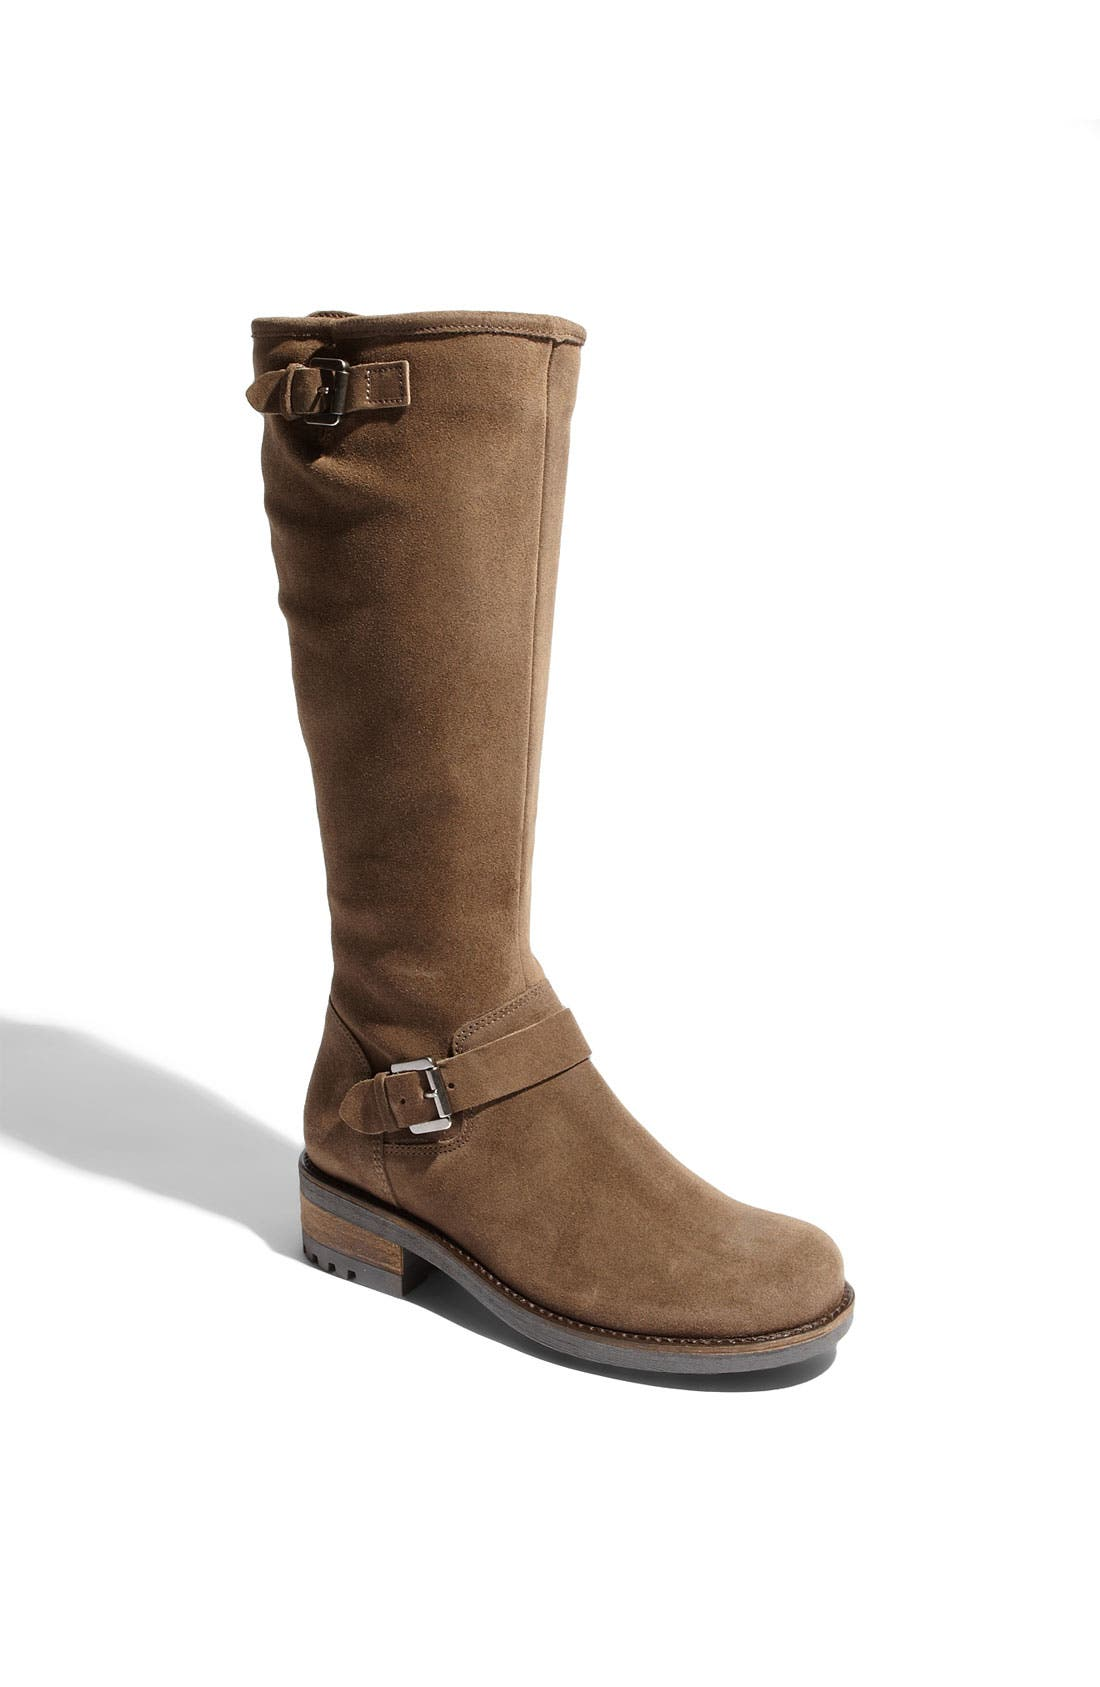 Alternate Image 1 Selected - La Canadienne 'Caleb' Waterproof Boot